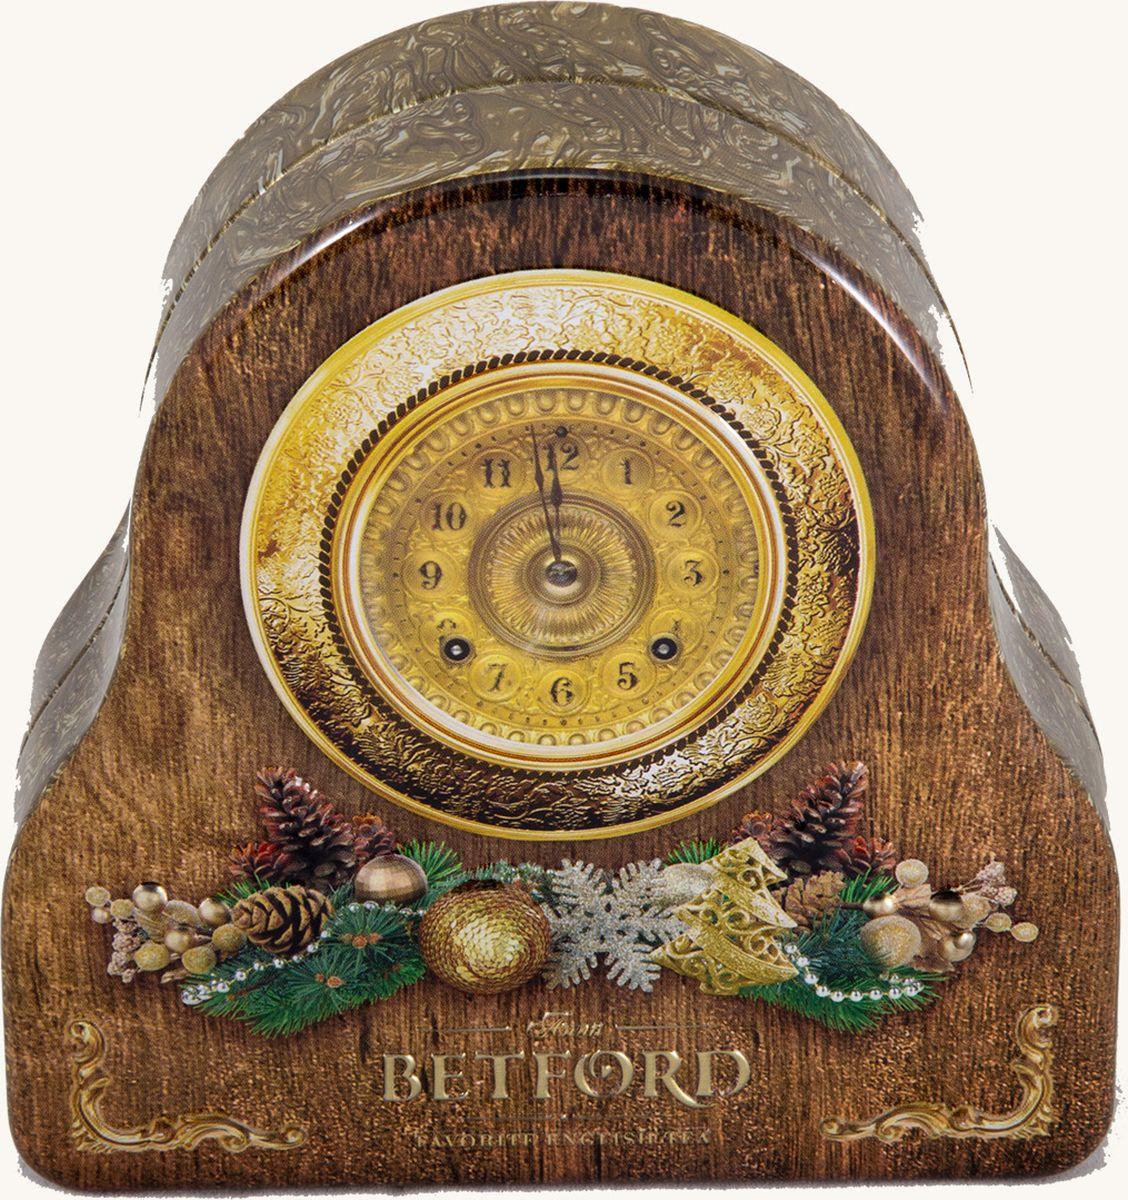 Betford Волшебный час чай черный ароматизированный с бергамотом, 50 г4792021030949Чай Earl Grey особенно любим британцами. В Англии его традиционно пьют как классический вечерний напиток, без сахара, с легкими закусками, или же во время утреннего чаепития для улучшения настрония. Деликатный цитрусовый аромат чая Betford Earl Grey приятно освежает терпкий вкус черного цейлонского чая высшего стандарта OP. Масло бергамота придает элегантный оттенок вкусу чая. Когда бы Вы не заварили чашку чая Betford Earl Grey, Вы непременно получите наслаждение, которое захотите повторить.Состав: чай черный байховый цейлонский ОРА с ароматом бергамота.Сорт: высший, стандарт OPAПроизводитель сырья: Шри ЛанкаСрок годности: 36 месяцев с даты изготовленияУсловия хранения: хранить в сухом прохладном месте вдали от источника тепла и солнечного света, при влажности воздуха не более 60-65%Фасовка: ж/б, 50гВ коробке: 24 банки